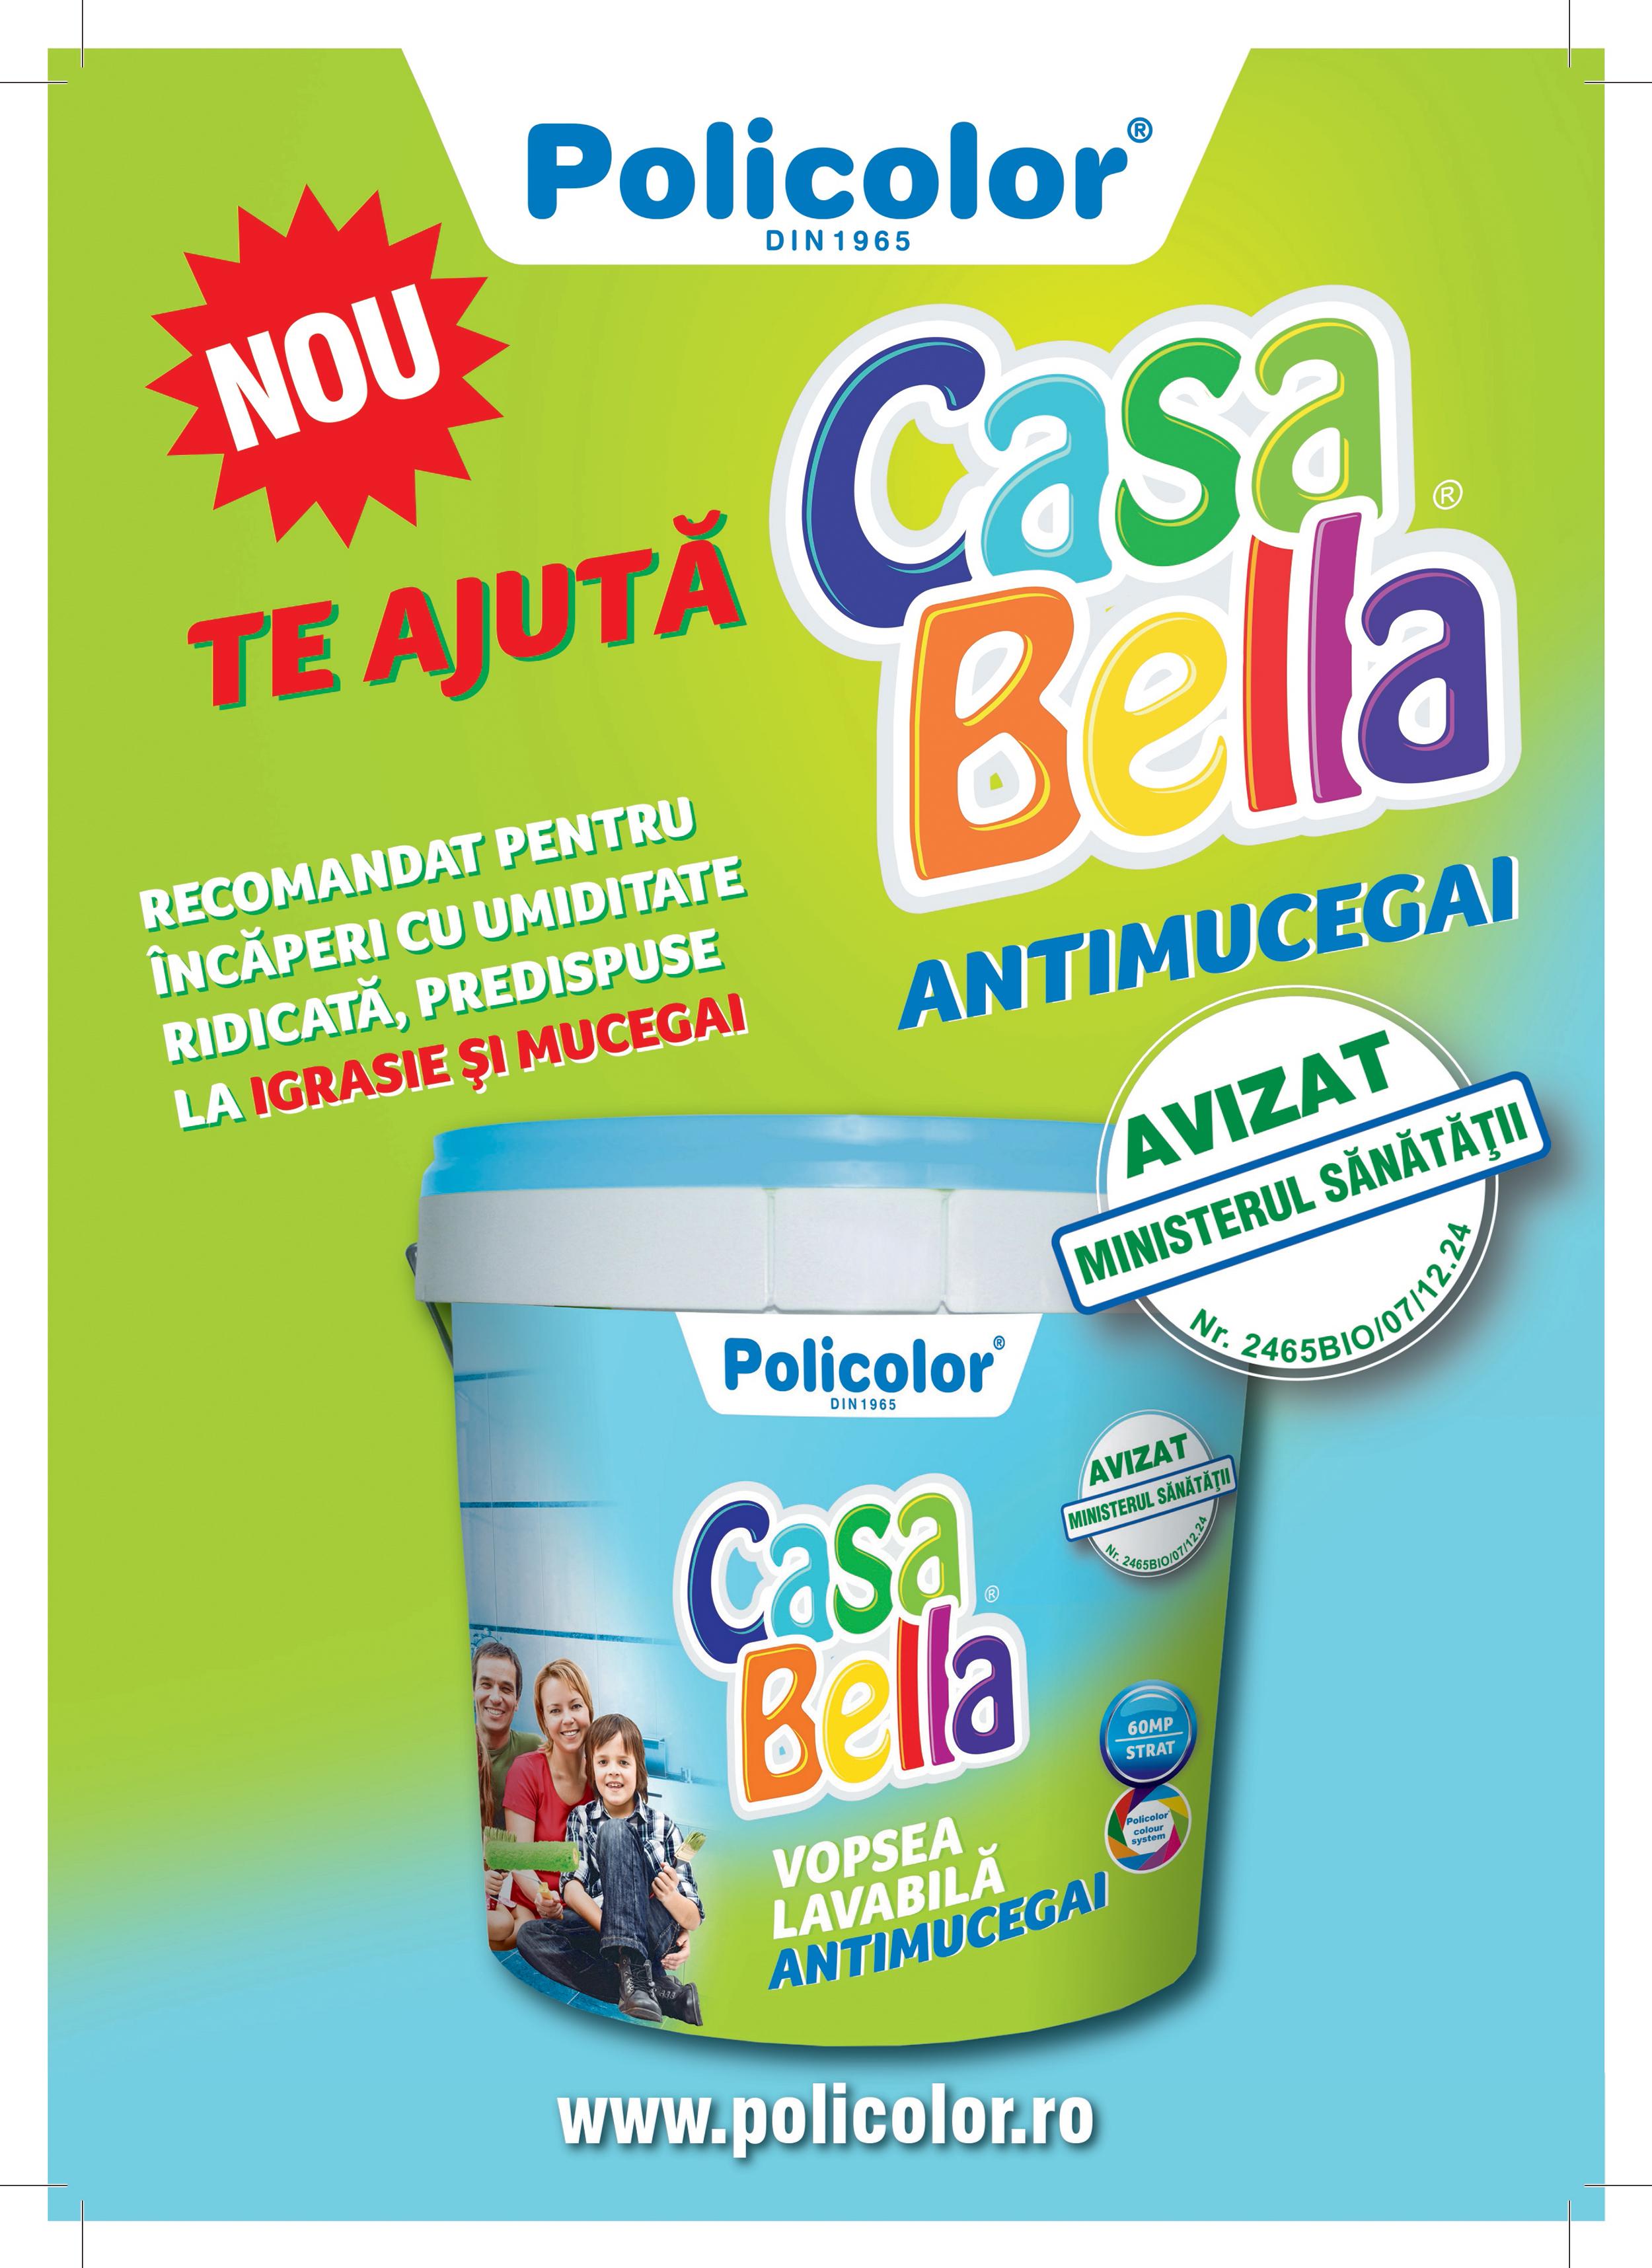 Policolor lanseaza CasaBella antimucegai cea mai noua vopsea lavabila de interior pentru spatii predispuse la igrasie